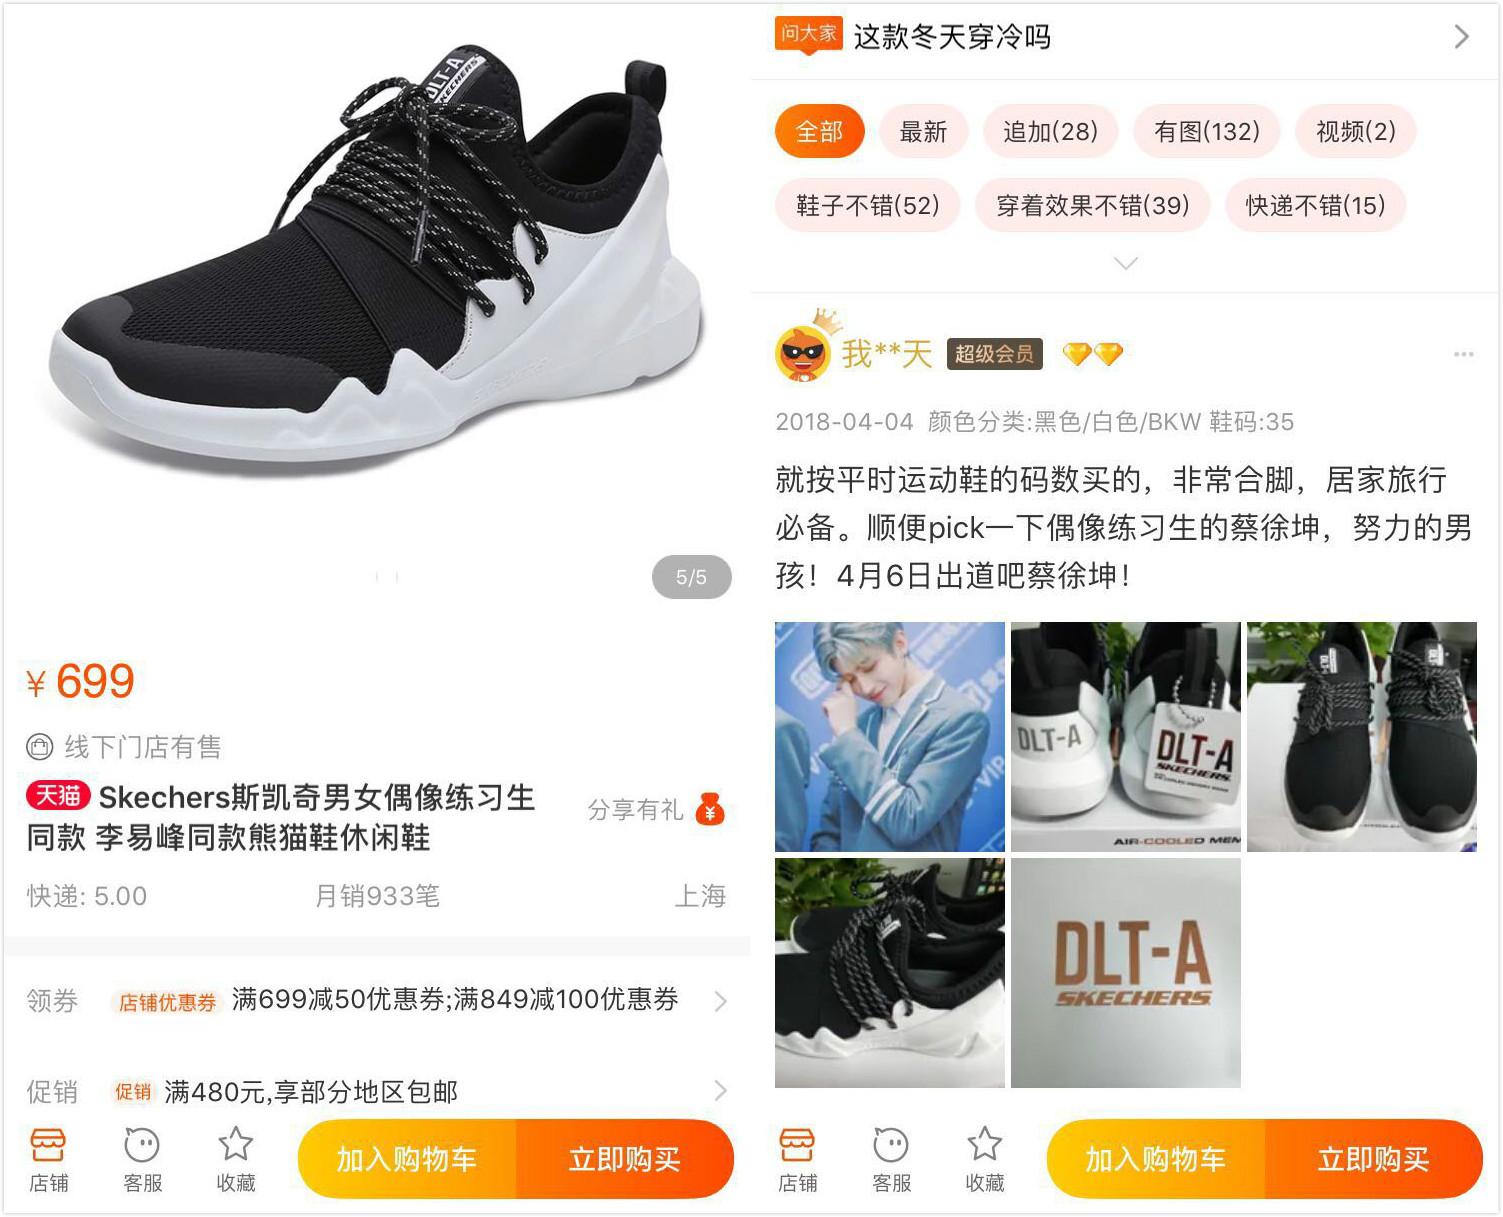 699元的同款运动鞋,粉丝购买后还在评论区为偶像宣传